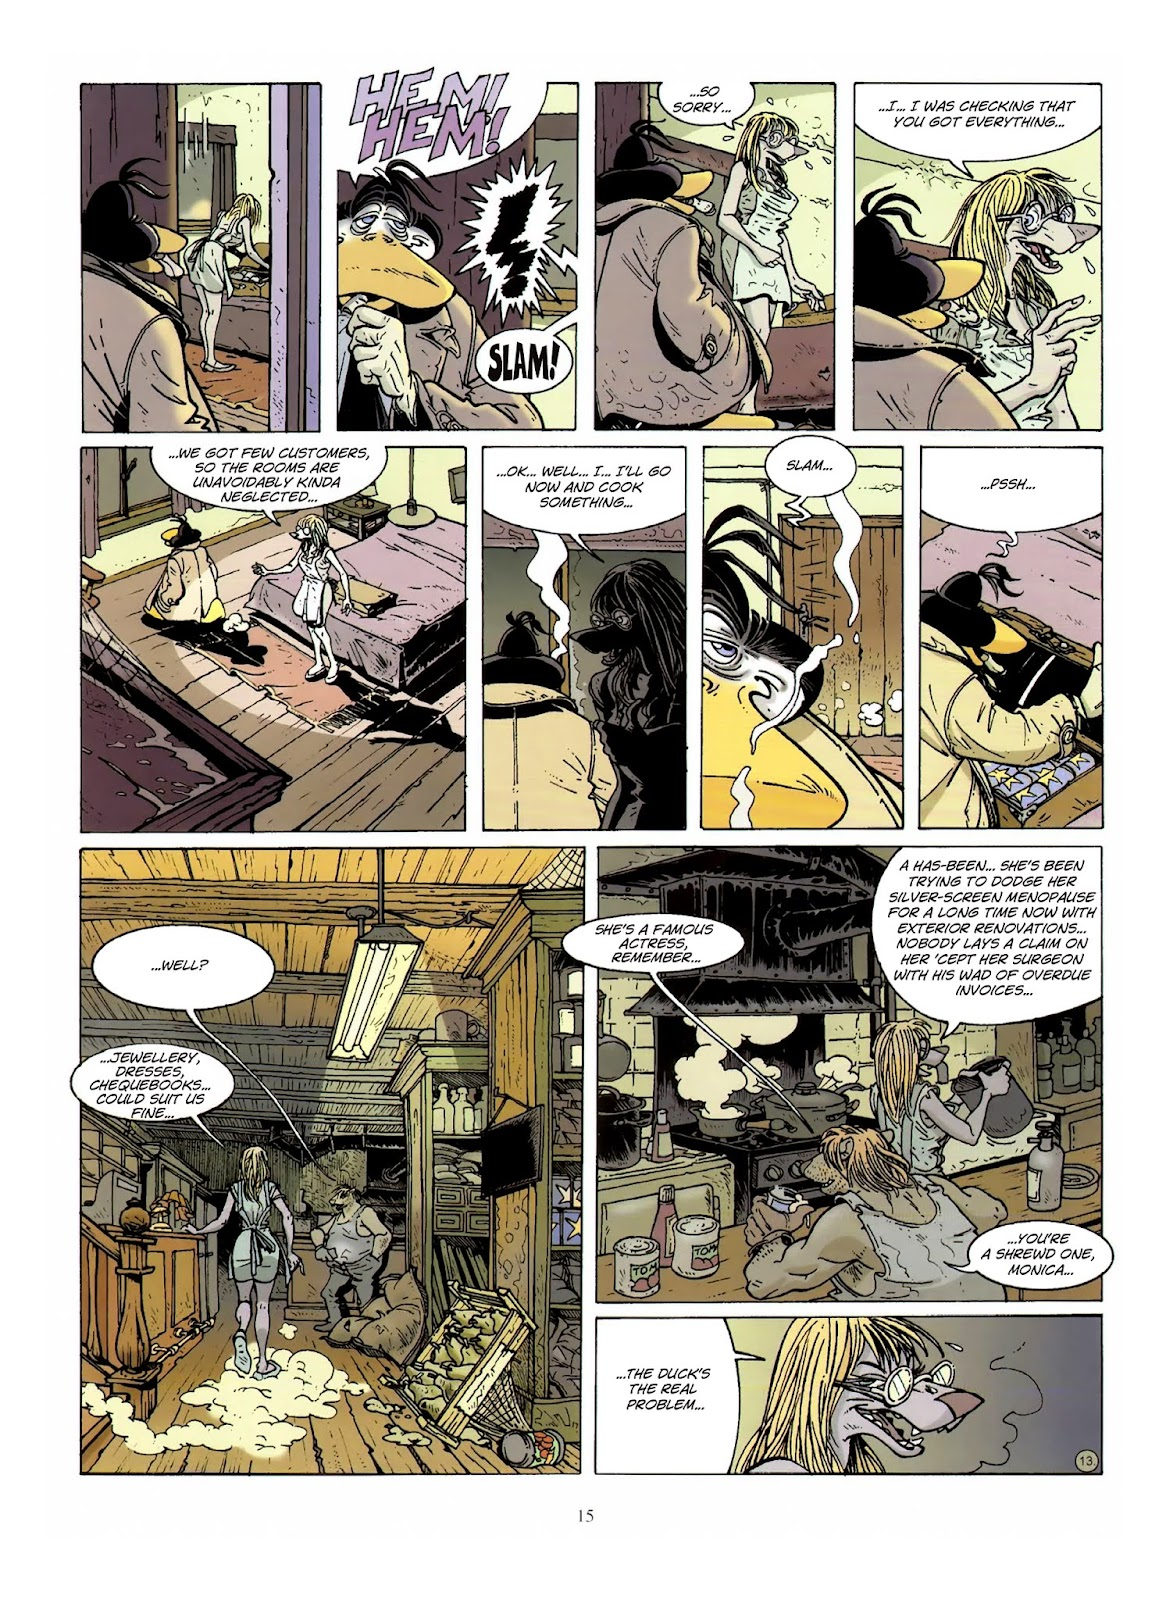 Une enquête de l'inspecteur Canardo issue 10 - Page 16